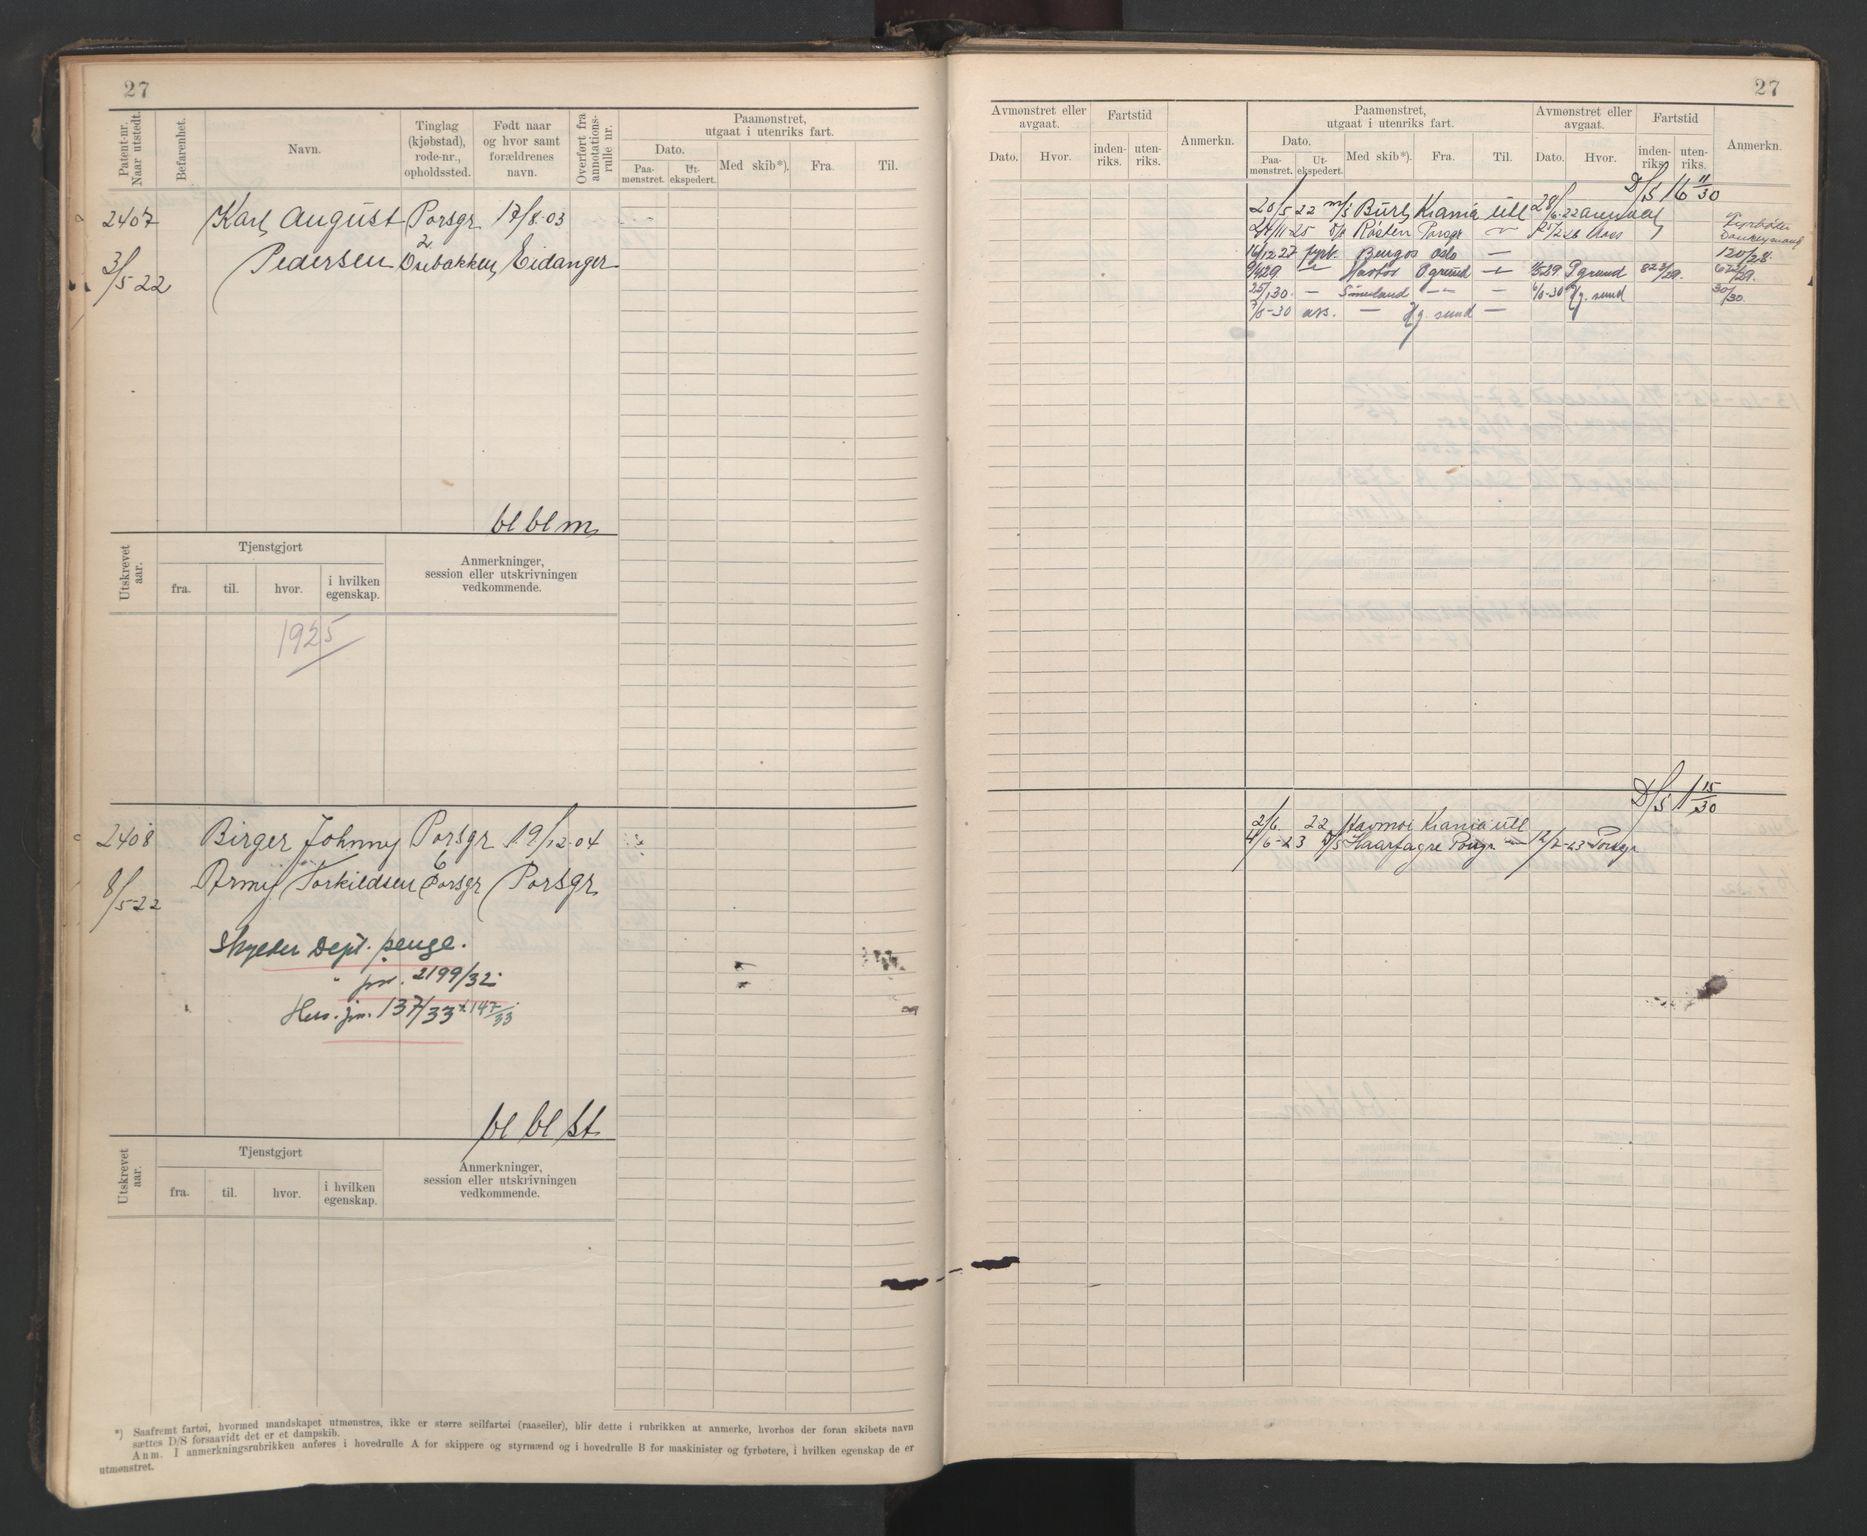 SAKO, Porsgrunn innrulleringskontor, F/Fb/L0007: Annotasjonsrulle, 1926-1948, s. 27